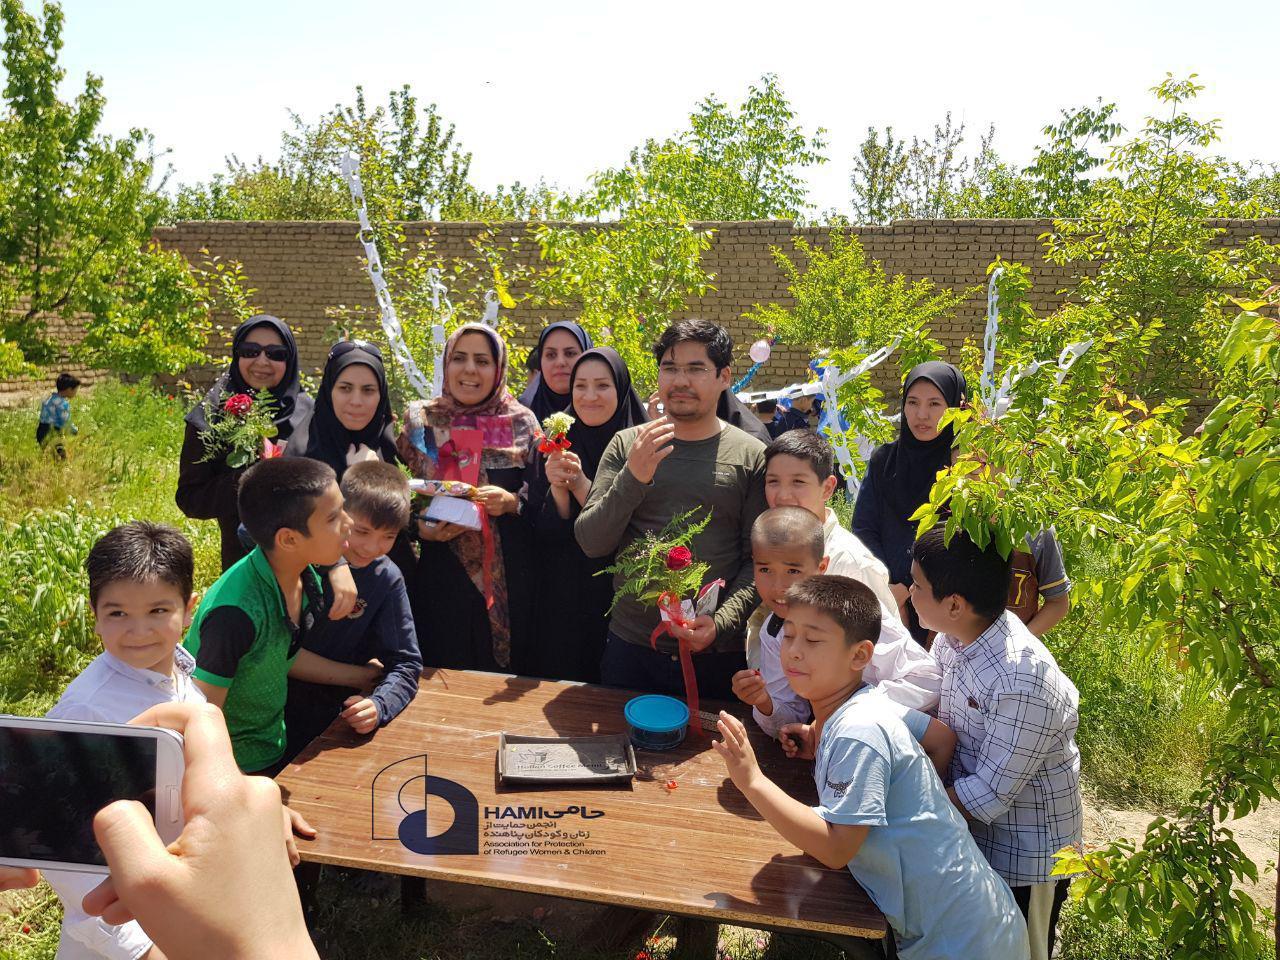 جشن روز معلم انجمن حامی